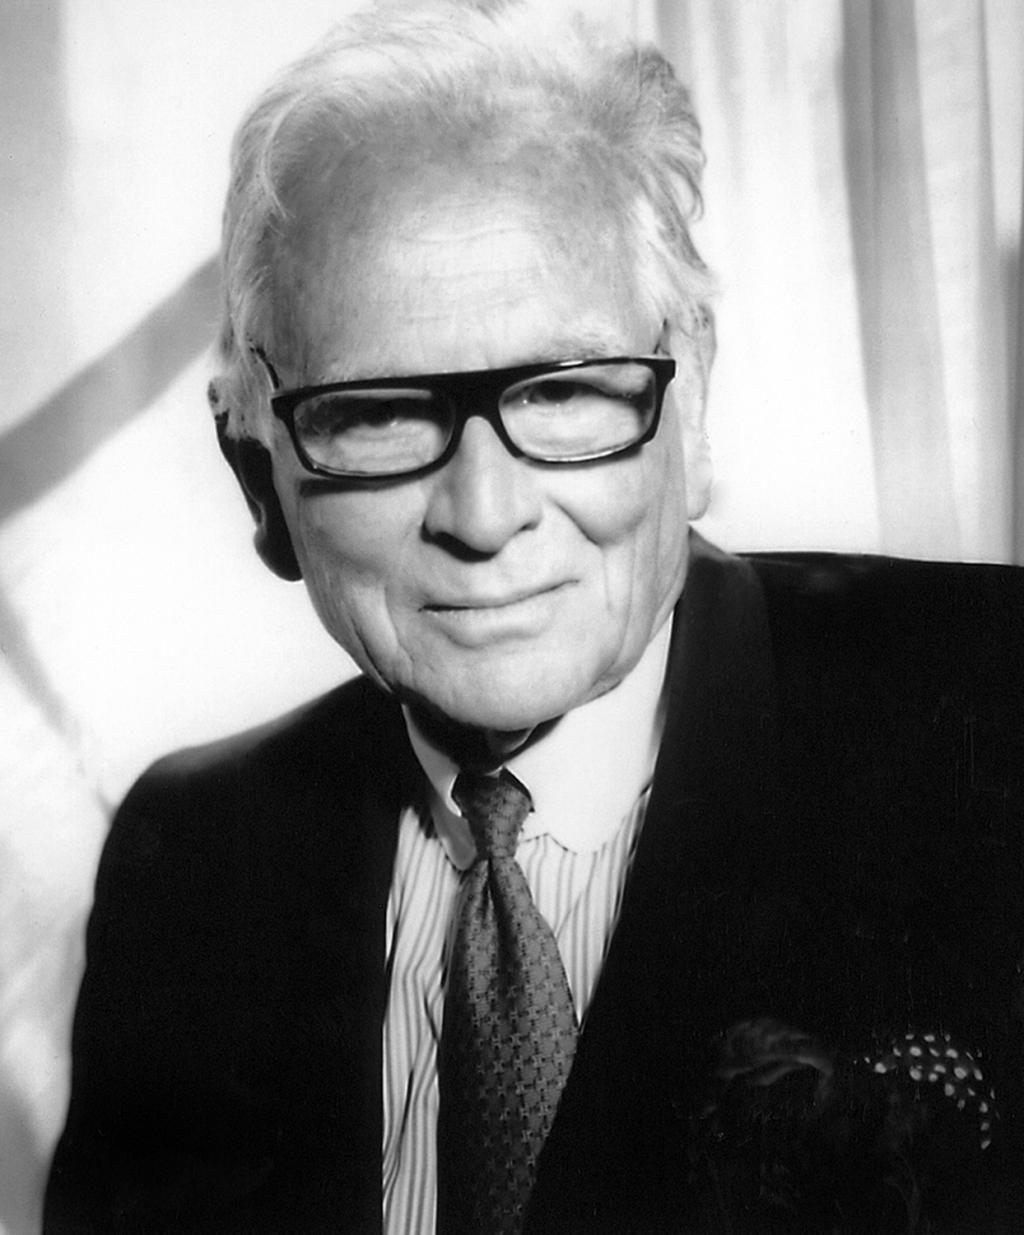 Pierre Cardin - Estilista precursor do Prêt-à-Porter com estética futurista nos anos 1960,